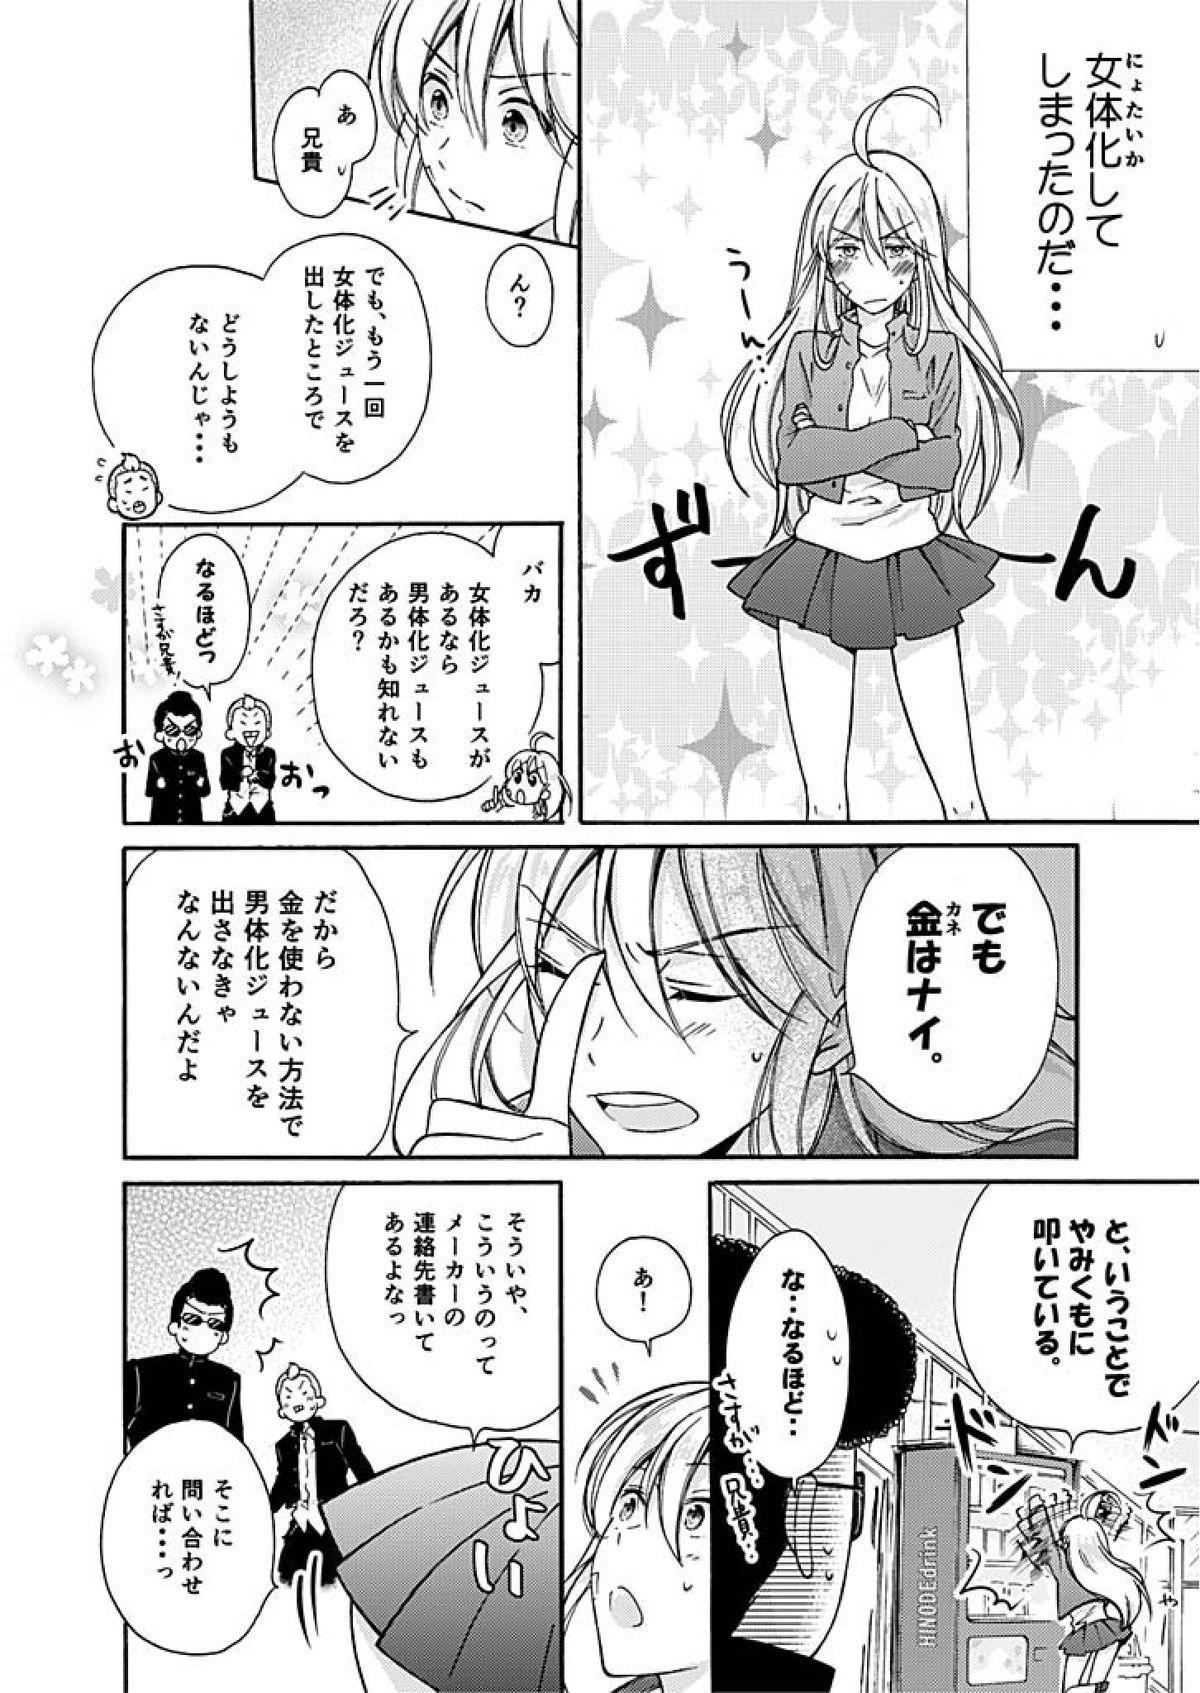 Nyotaika Yankee Gakuen ☆ Ore no Hajimete, Nerawaretemasu. 2 2